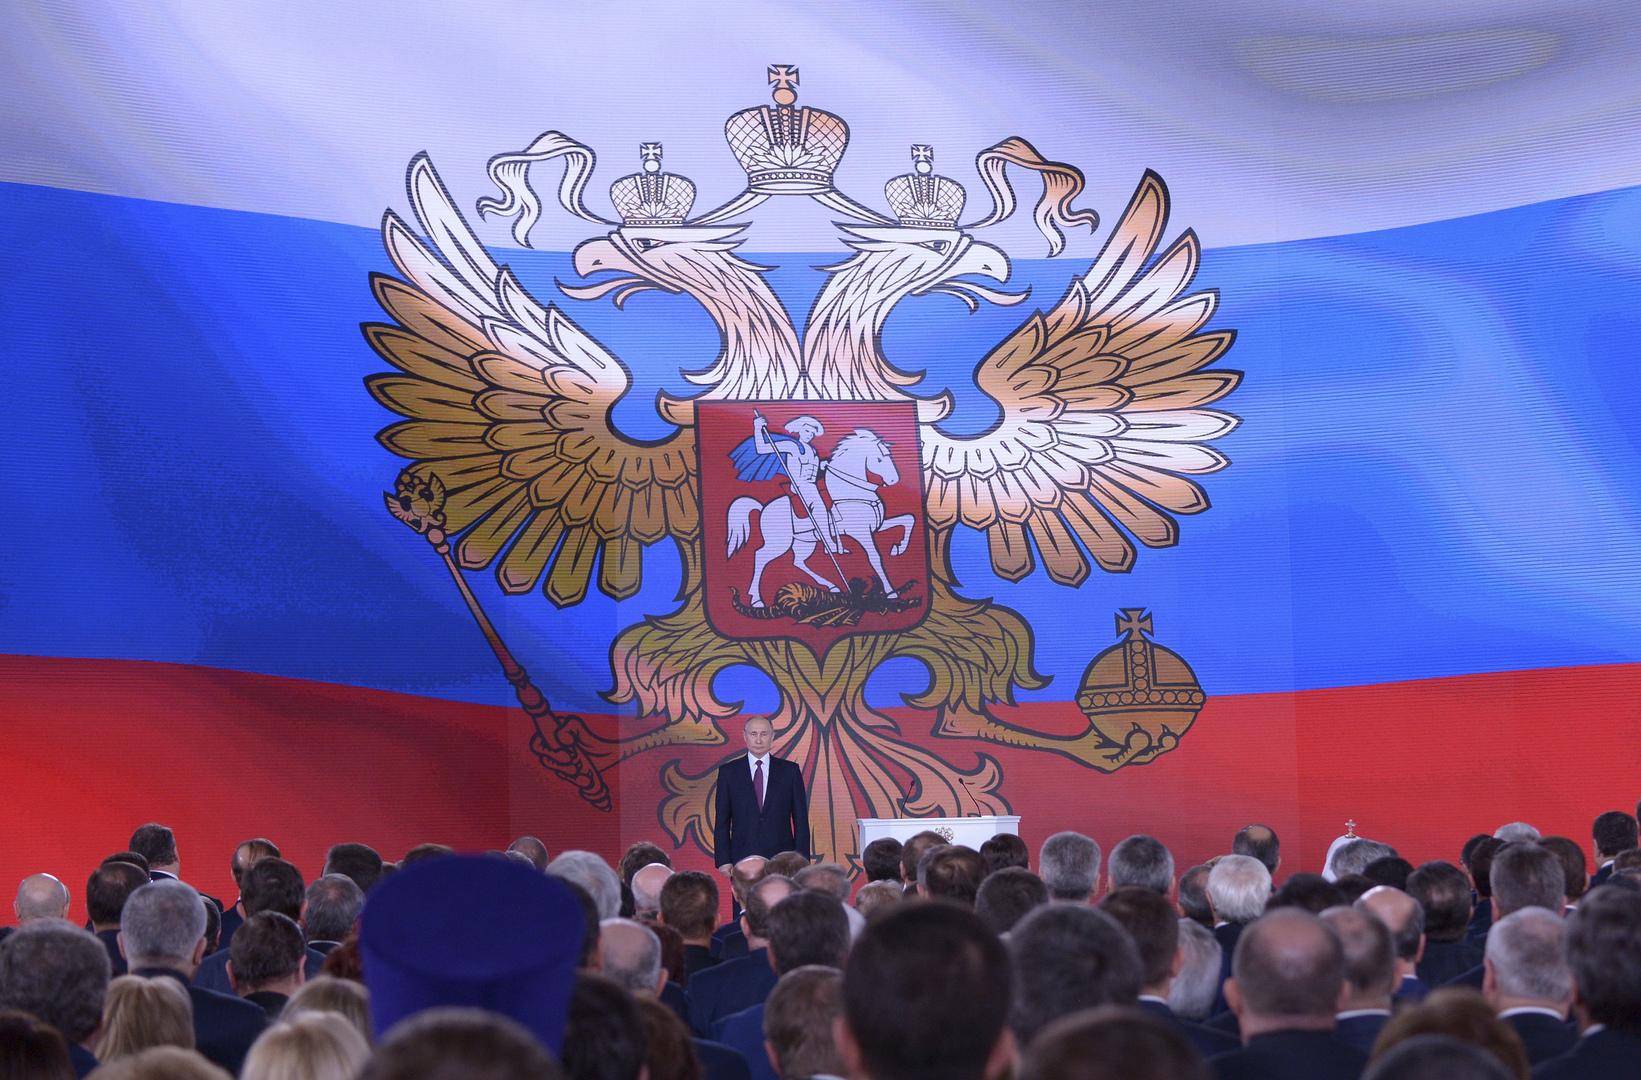 روسيا.. لجنة التشريع الدستوري توافق على مشروع قانون الحصانة للرئيس المنتهية ولايته